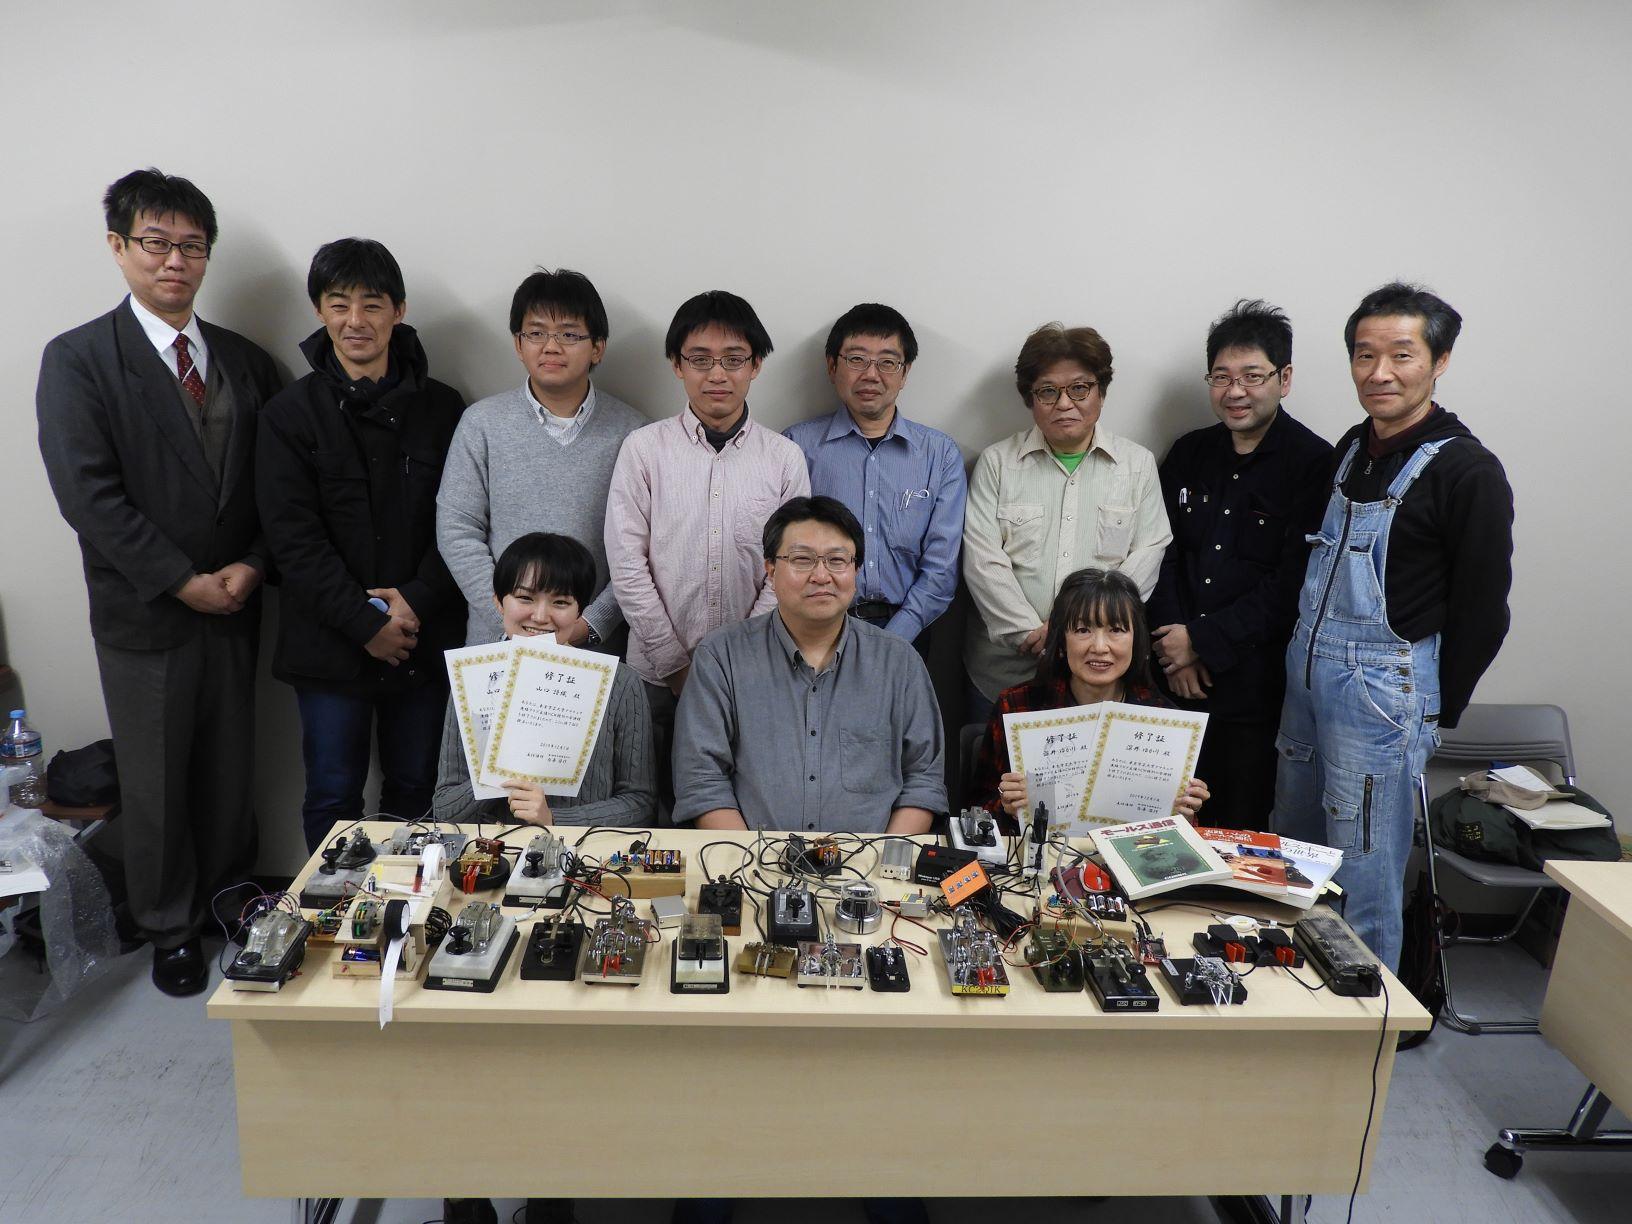 CQ ham radio 2020年2月号 ローカルトピックス★活動の様子を伝えよう★